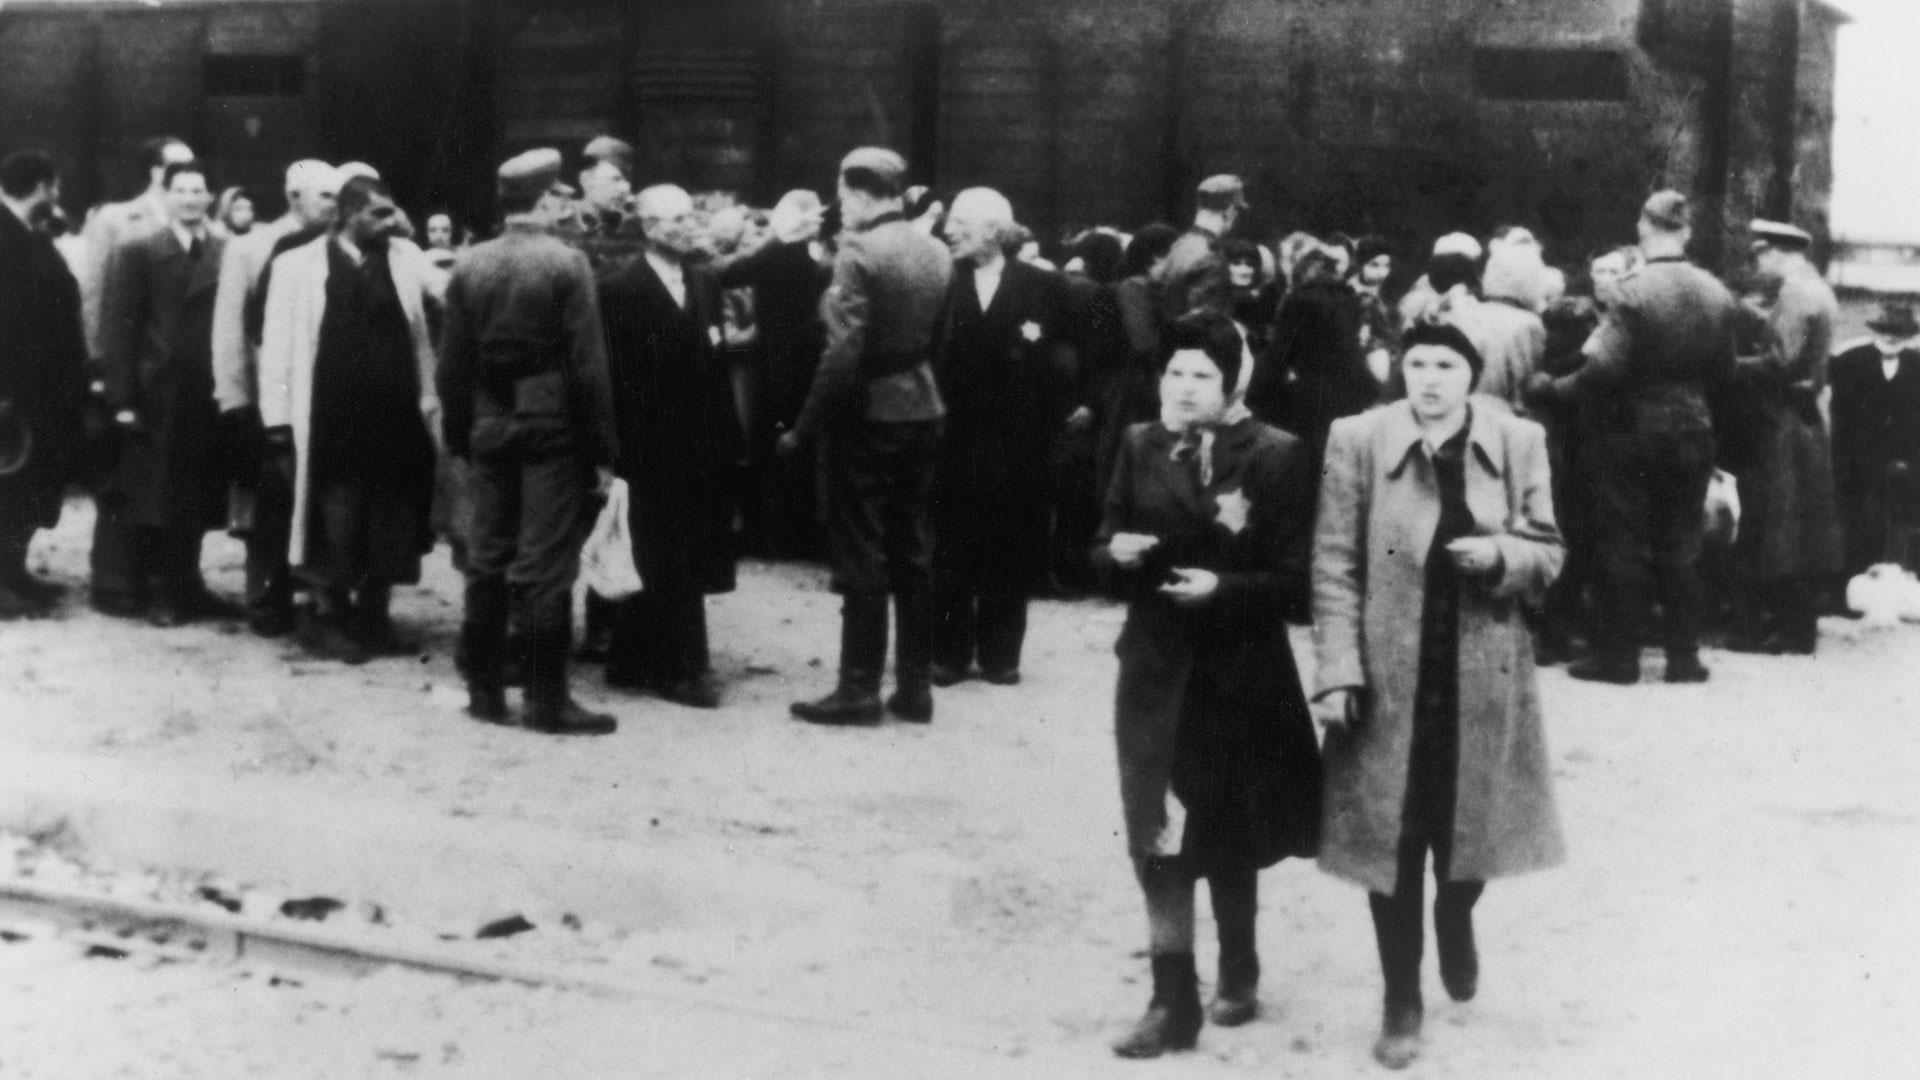 Los campos subalternos de trabajo instalados en el complejo de Auschwitz estaban relacionados con la industria alemana, principalmente en las áreas militares, metalúrgicas y mineras. (Getty Images)